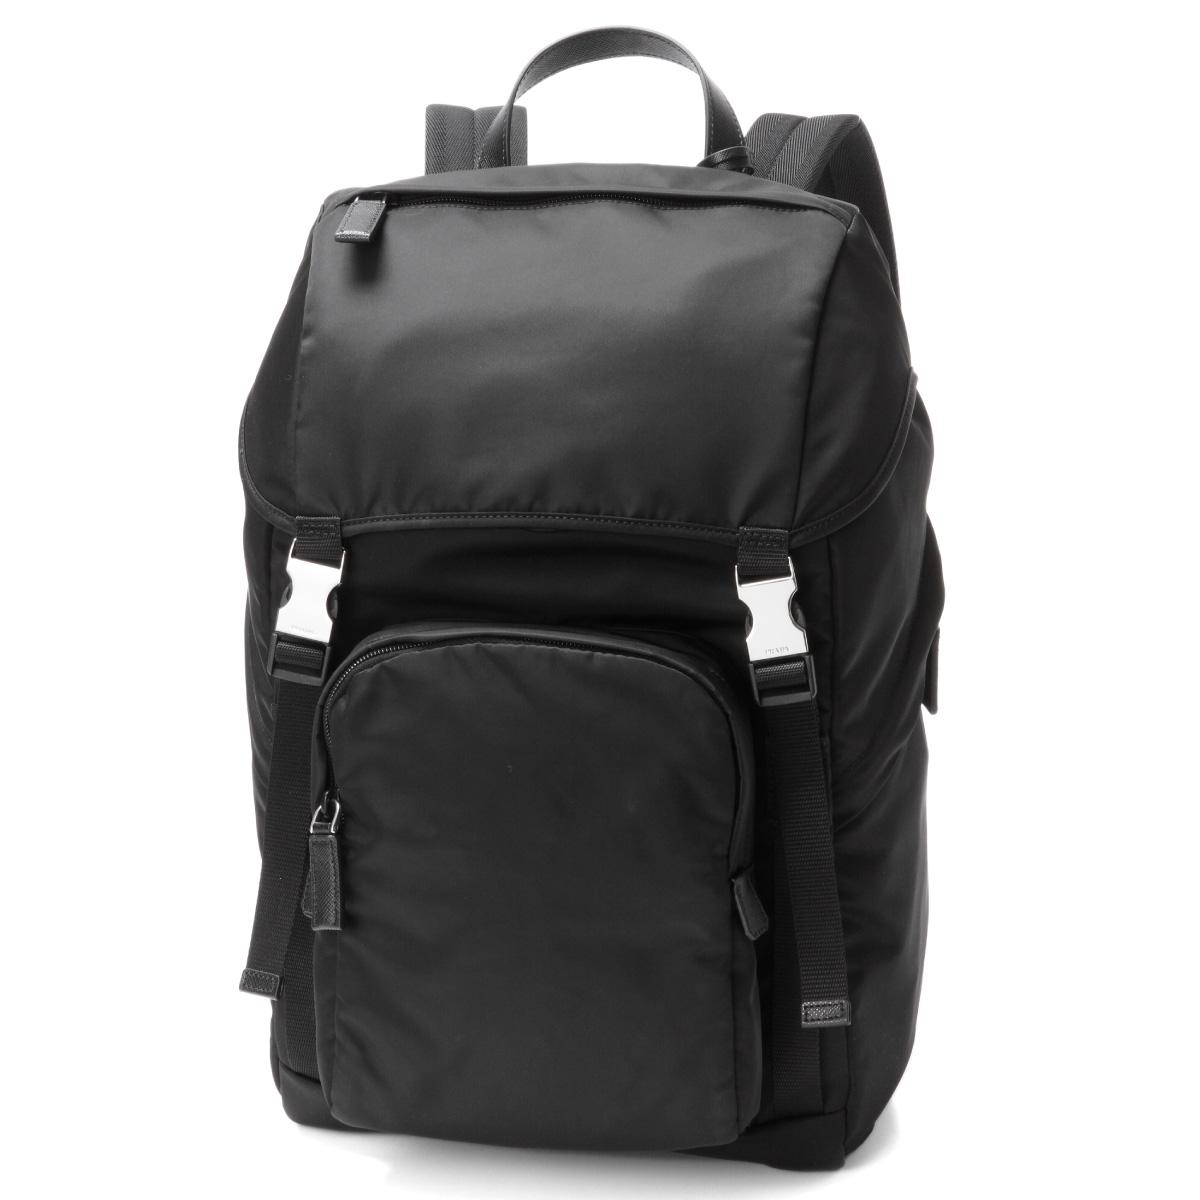 3816ed2211 Prada PRADA bag men 2VZ135 973 F0002 backpack NERO black